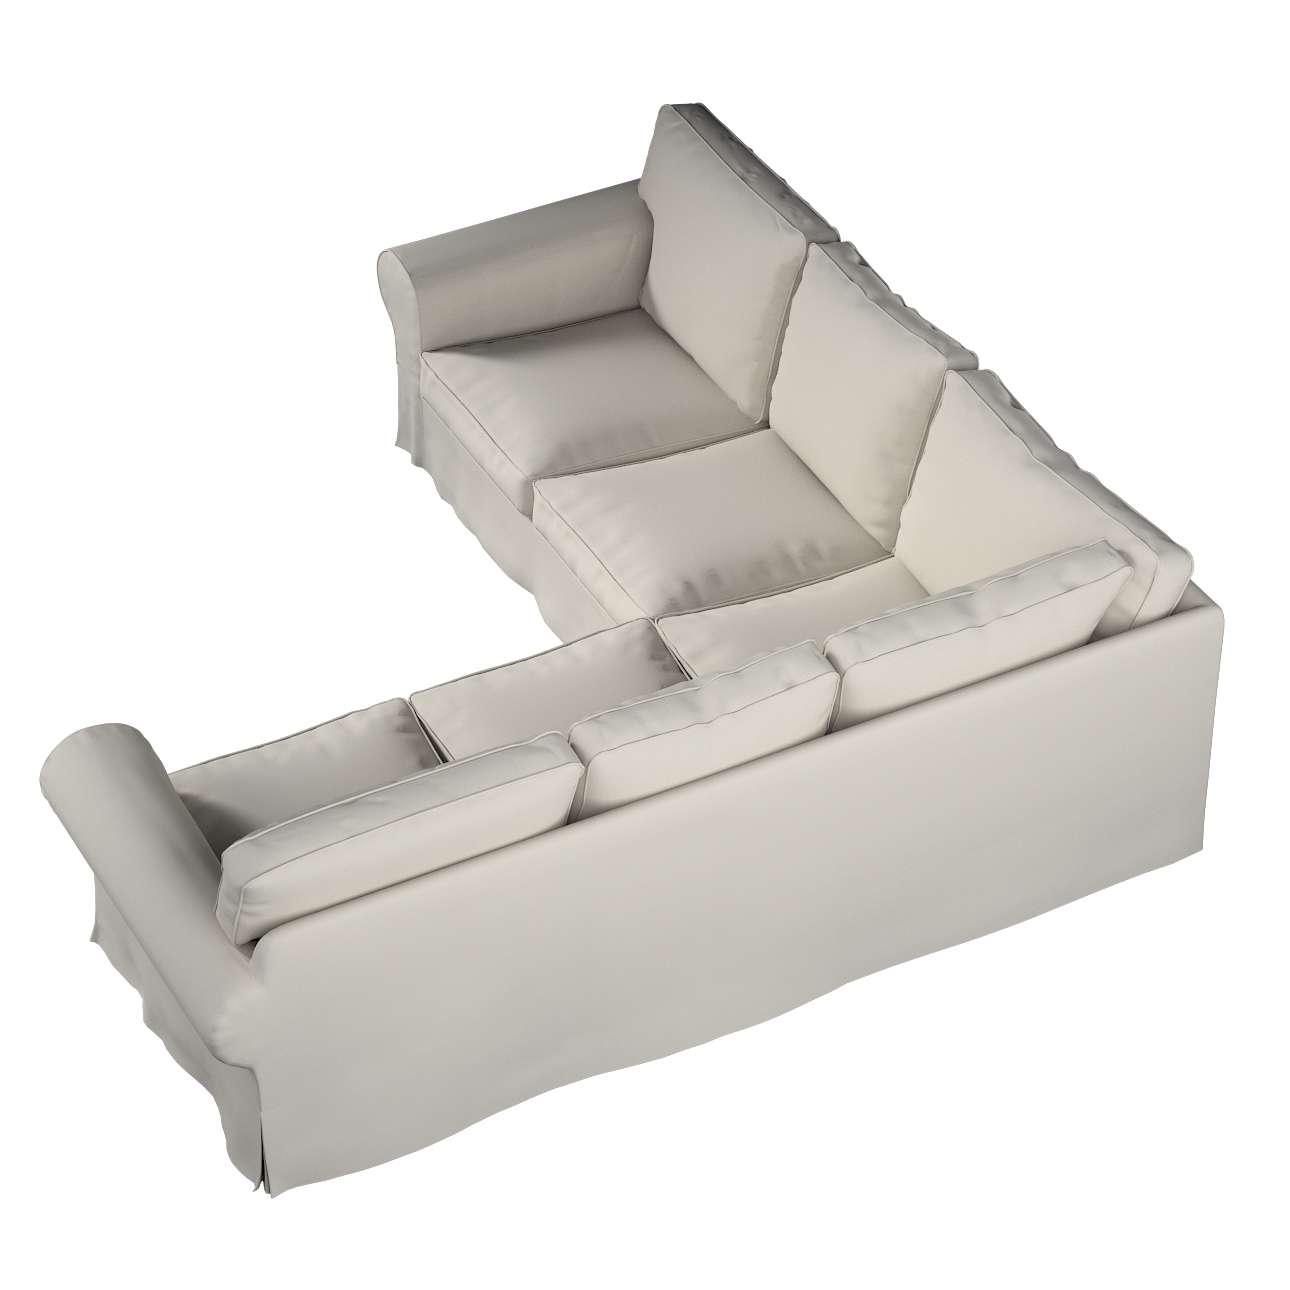 Pokrowiec Ektorp na sofę narożną w kolekcji Cotton Panama, tkanina: 702-31